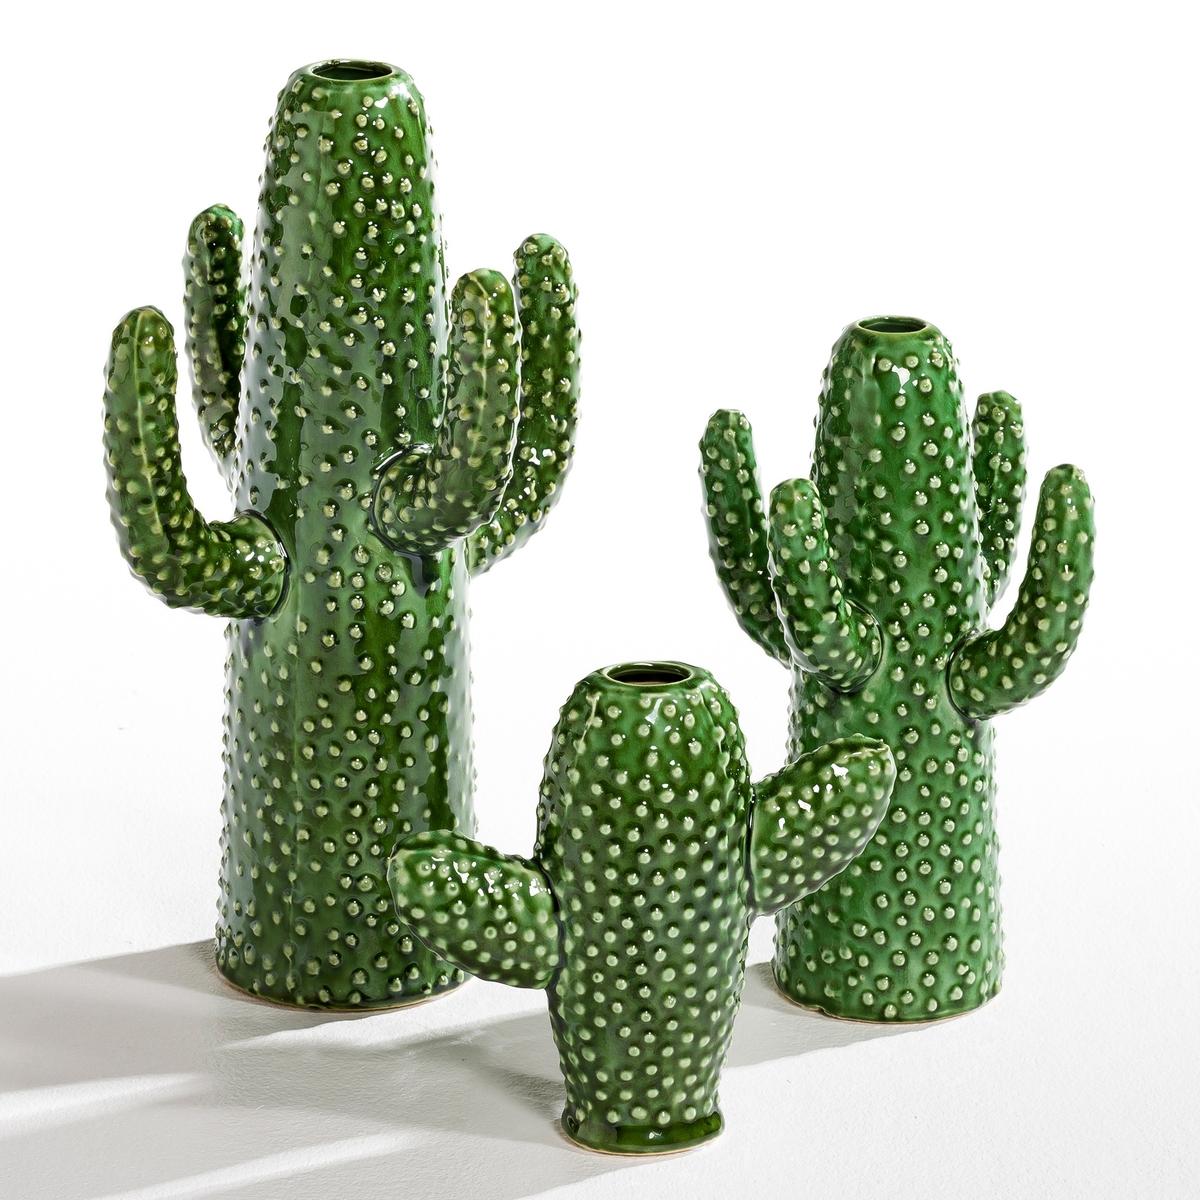 Ваза Cactus, высота 29 см, дизайн М. Михельссен для SeraxХарактеристики : - Ваза для одного цветка в форме кактуса с 4 ручками. - Из керамики, покрытой глазурью   . Размеры : - Ш.19 x В.29 x Г.17 см.<br><br>Цвет: зеленый